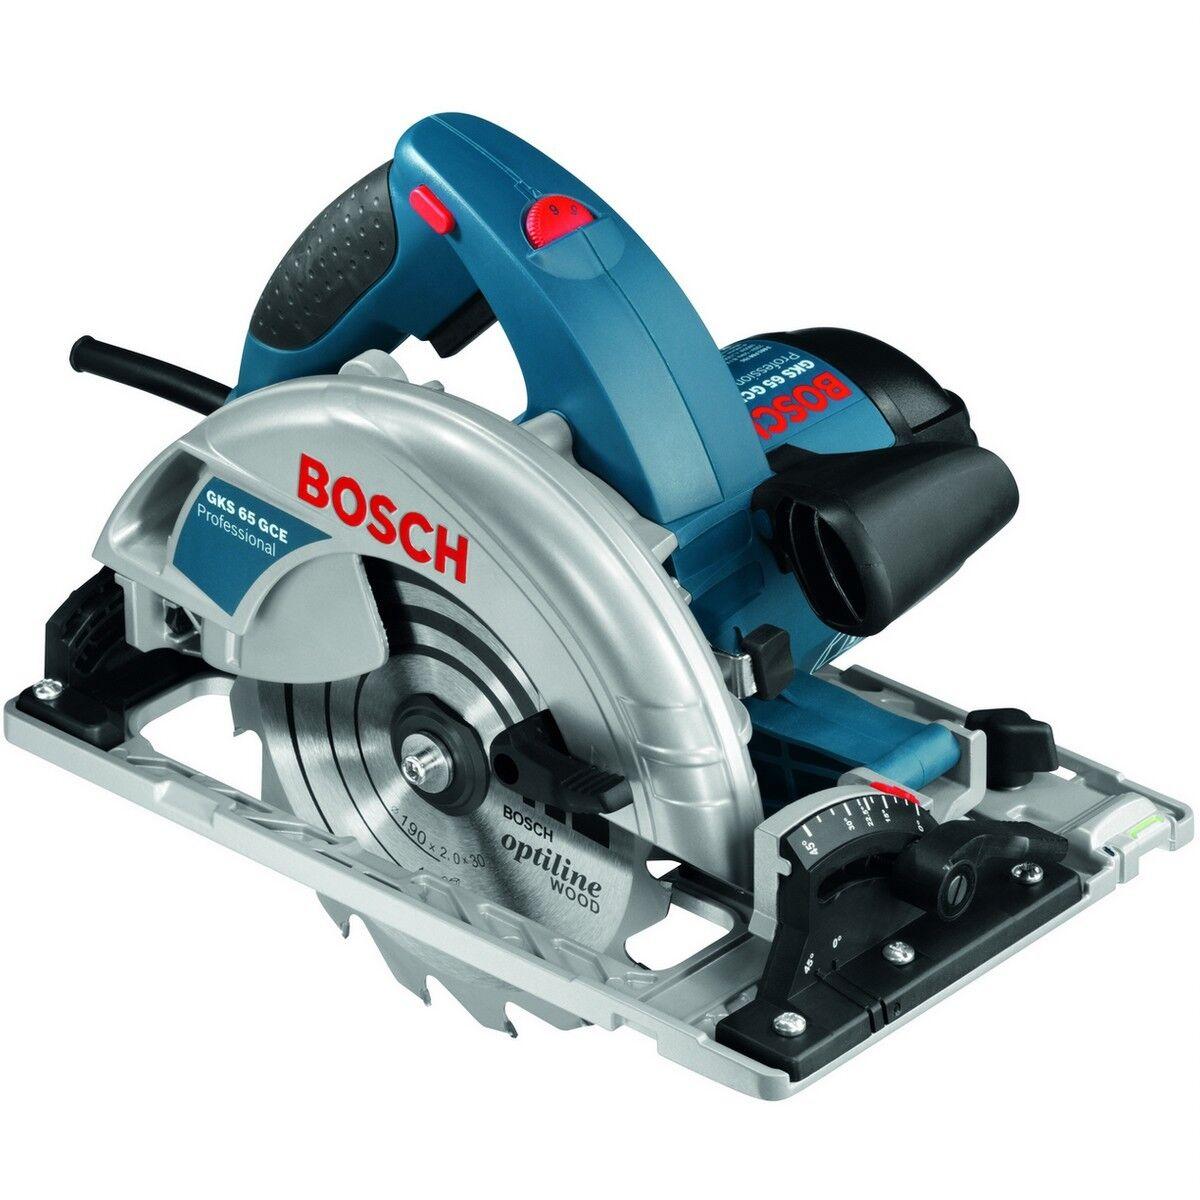 Bosch Handkreissäge GKS 65 GCE 190mm  Nr.0601668900 Säge mit Elektronik